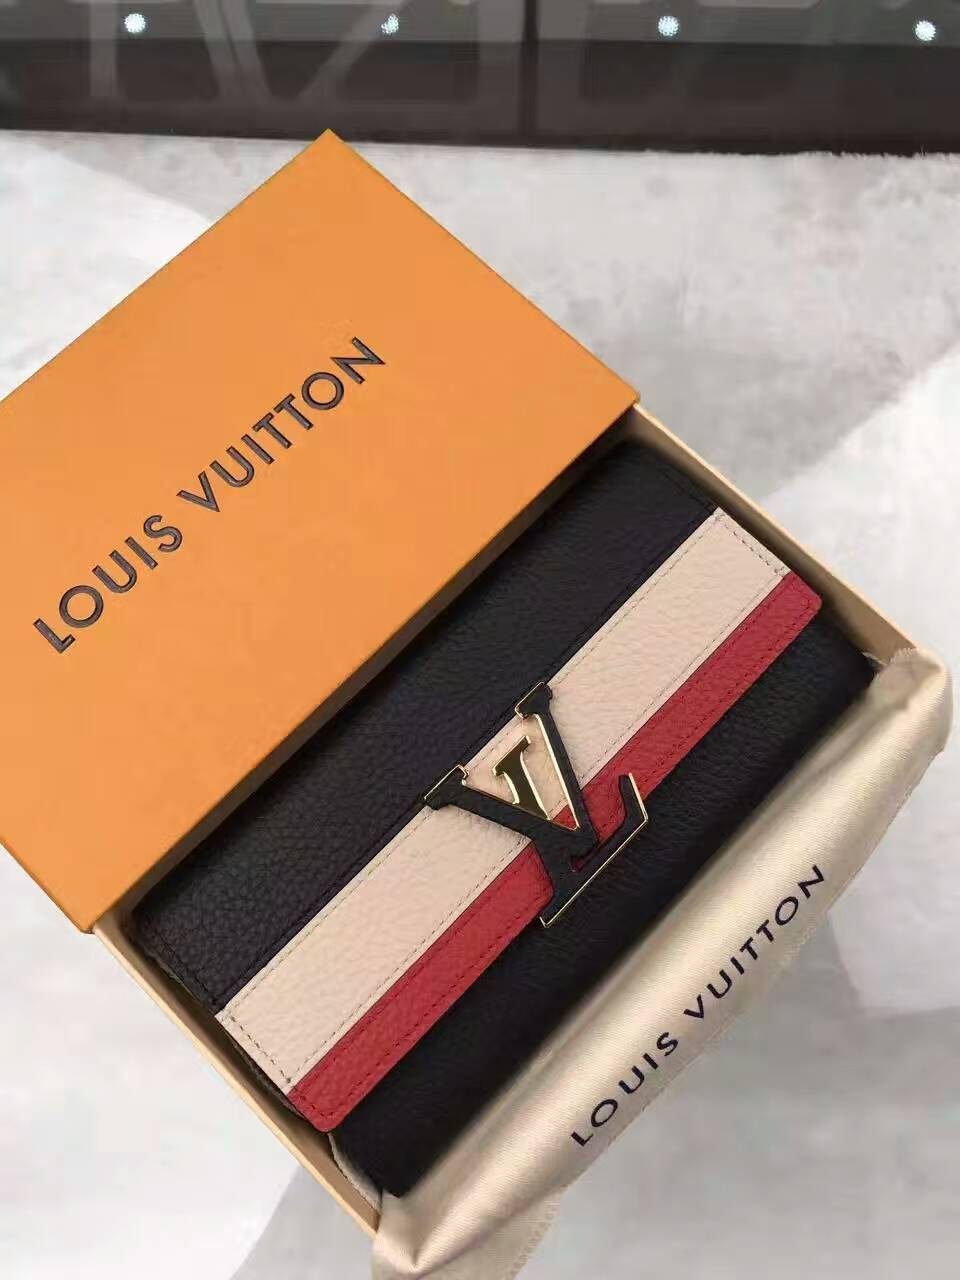 Ví Nữ Louis vuitton Taurillon Leather Capucine Wallet-M62133-VNLV146